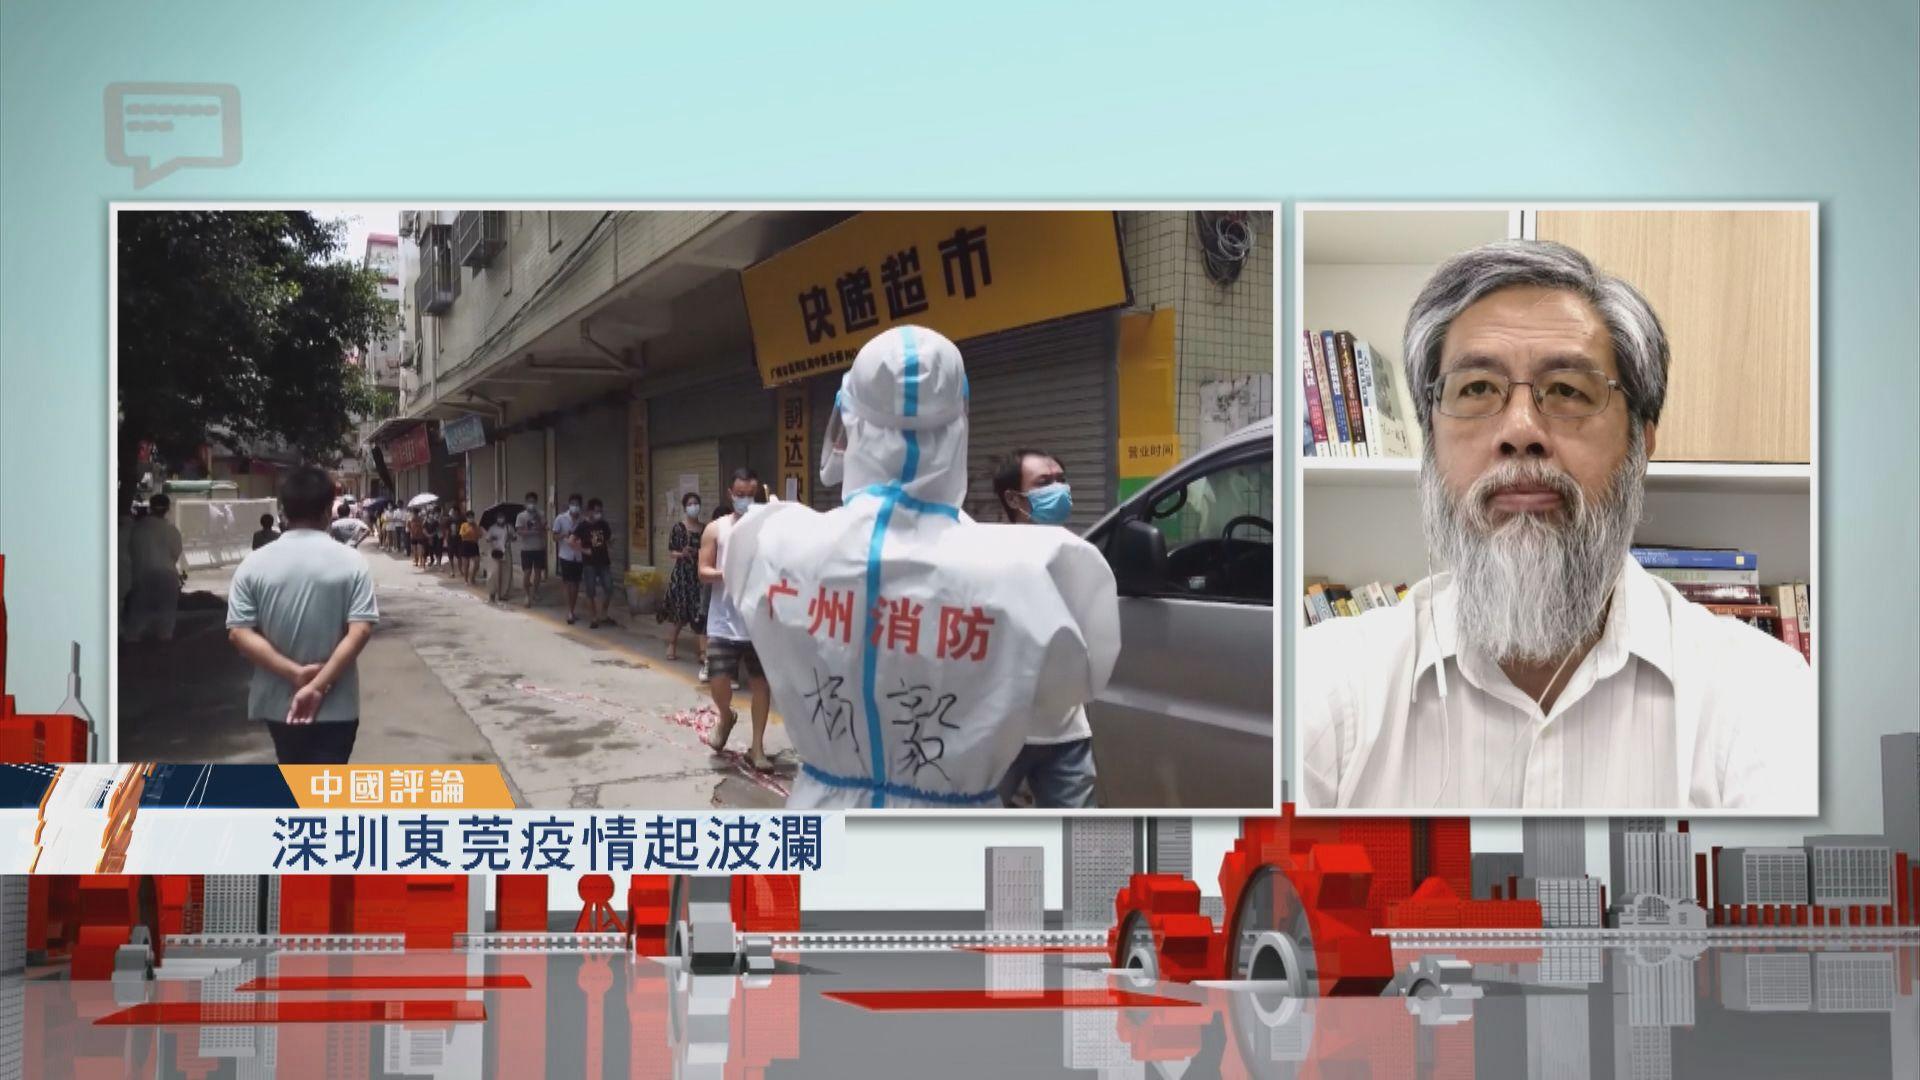 【中國評論】深圳東莞疫情起波瀾/教育部又宣稱打擊補習班